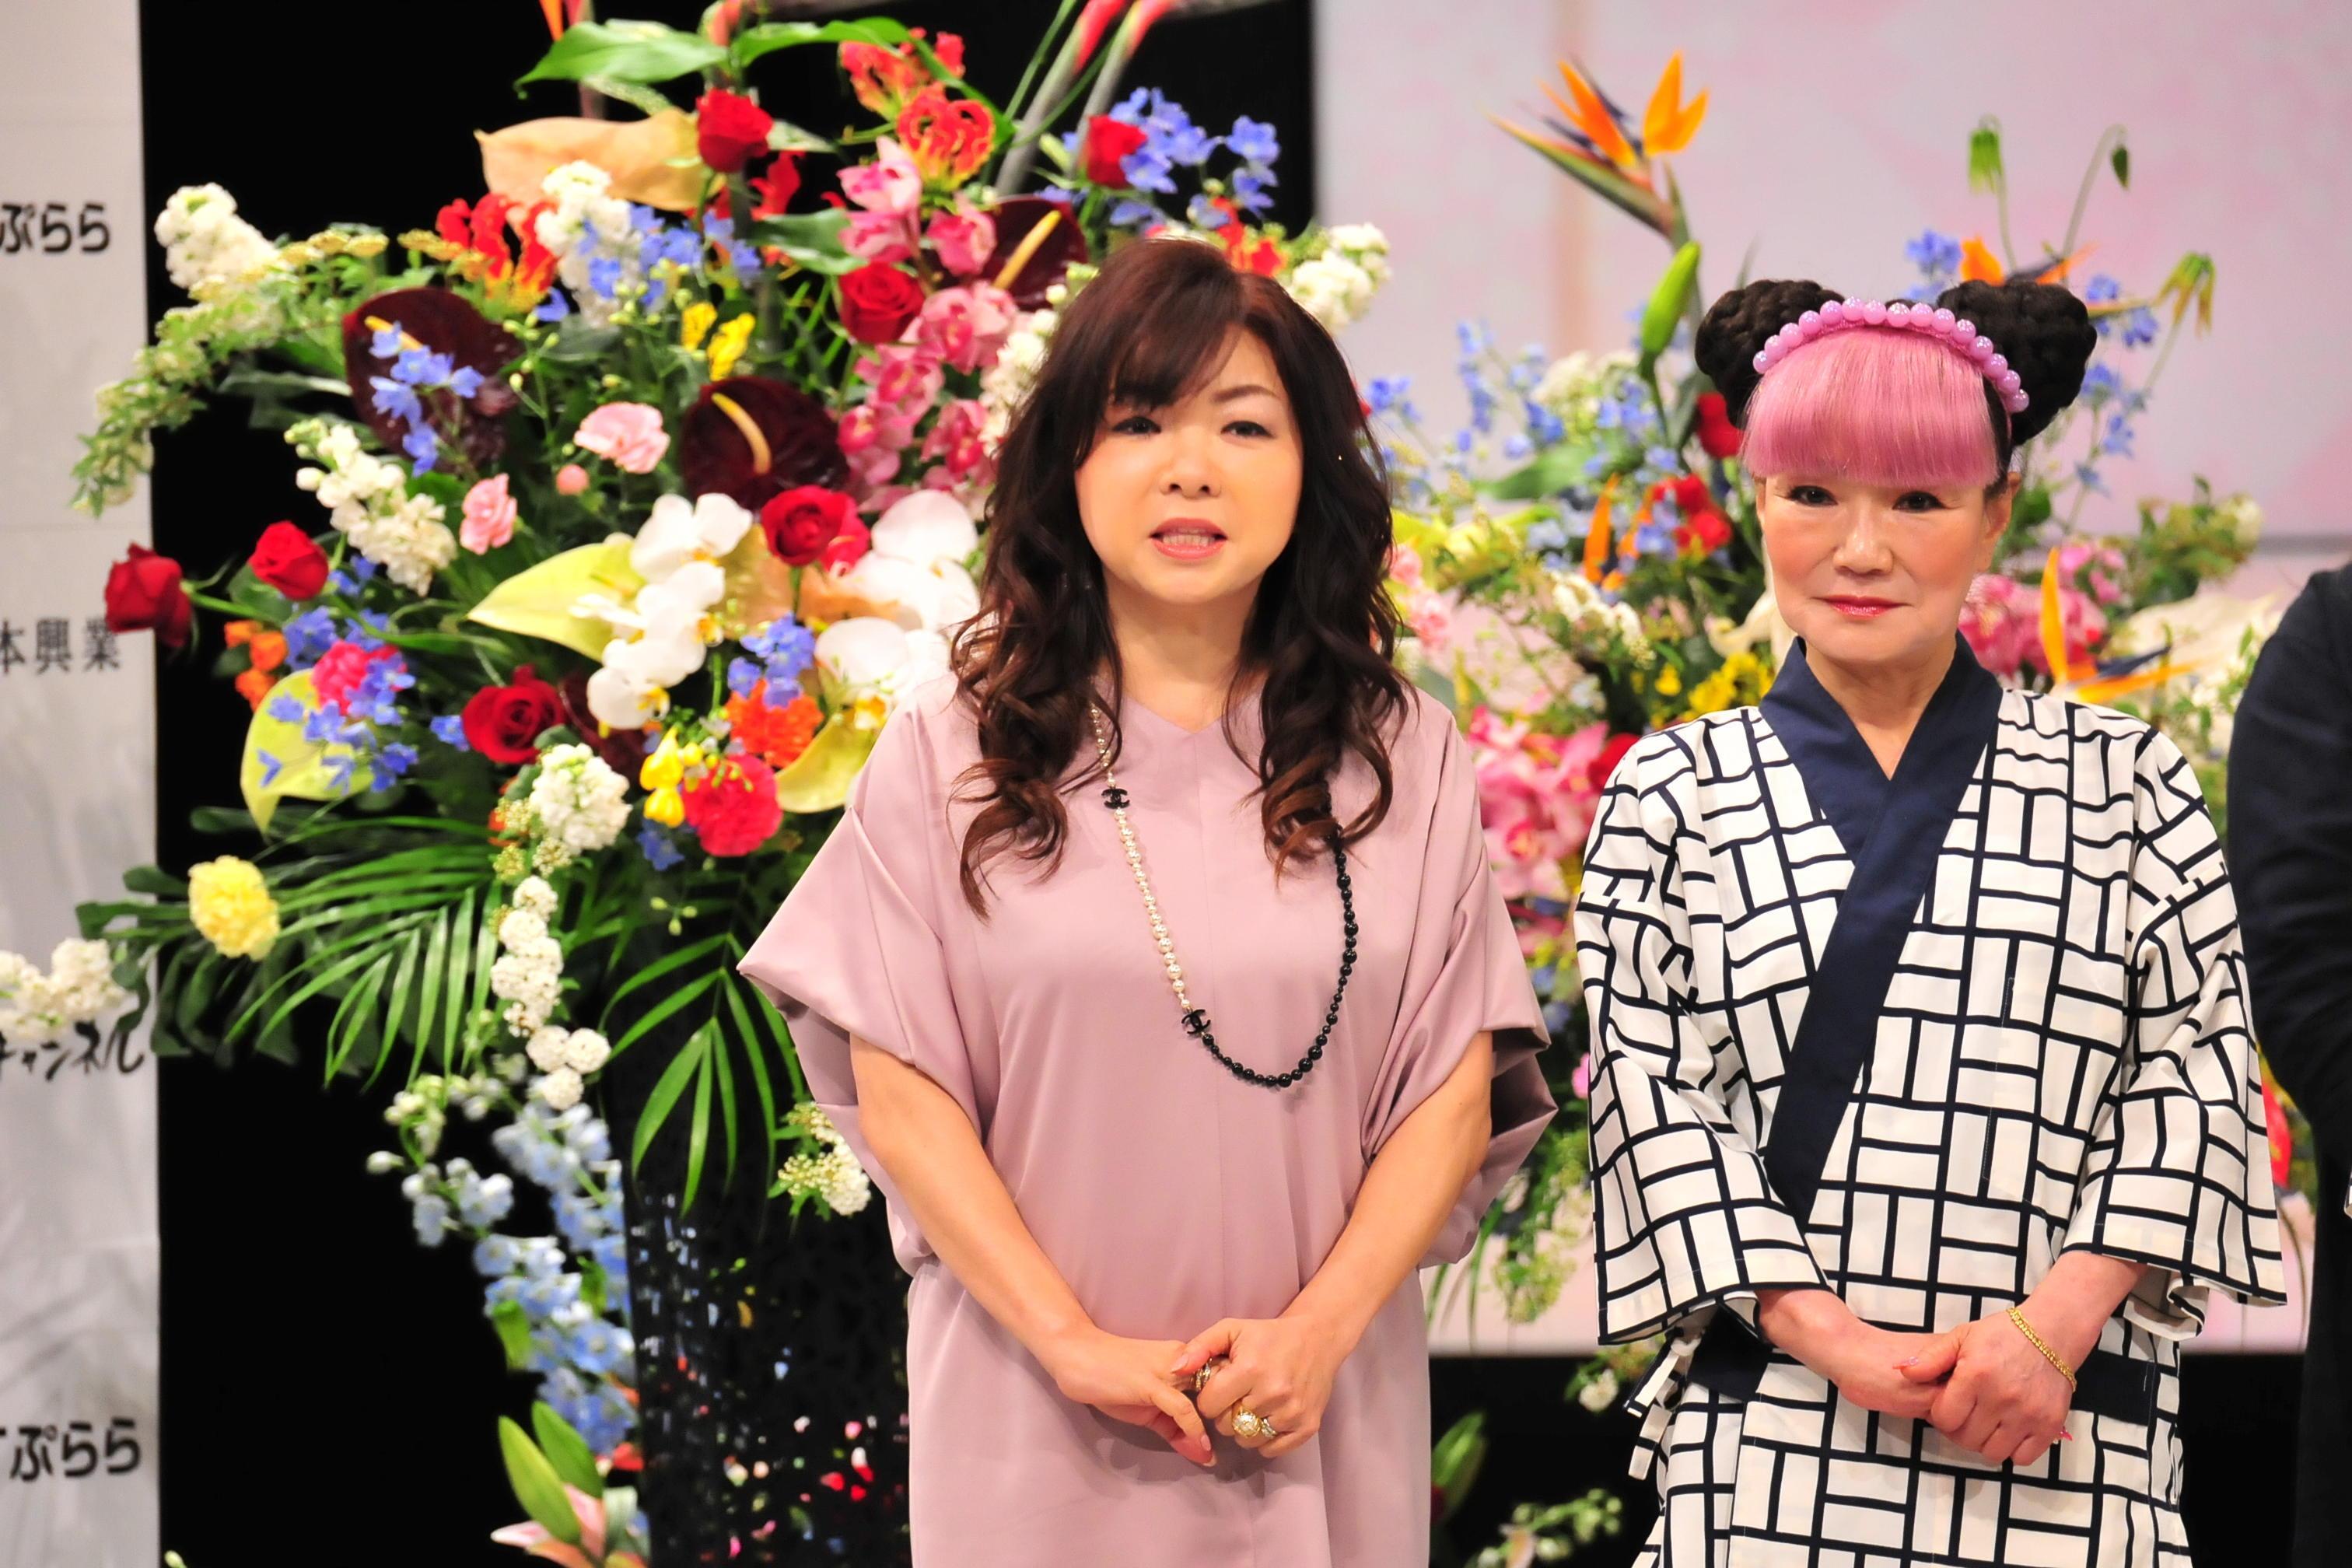 http://news.yoshimoto.co.jp/20170425160030-a19a46af3dad5f2f4de023855580f1ffa80e62e5.jpg